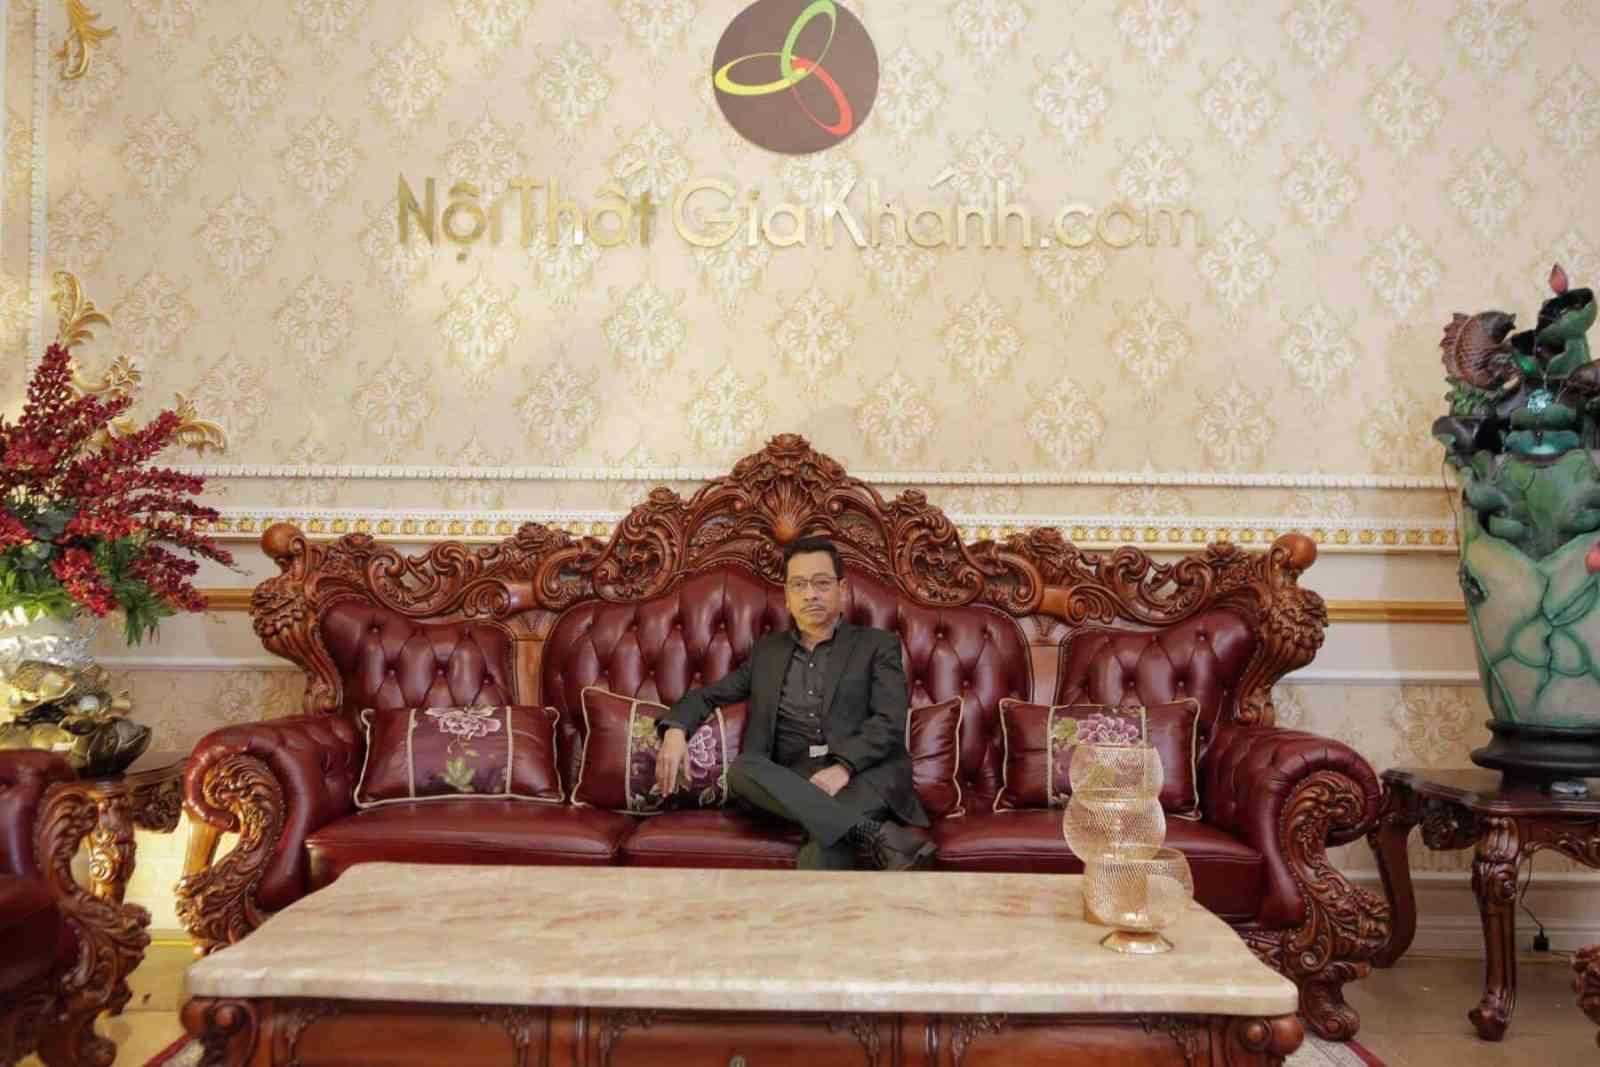 Địa chỉ cửa hàng bán Sofa đẹp tại Hà Nội - bo sofa co dien lon nhat viet nam french climbing roses 926sf